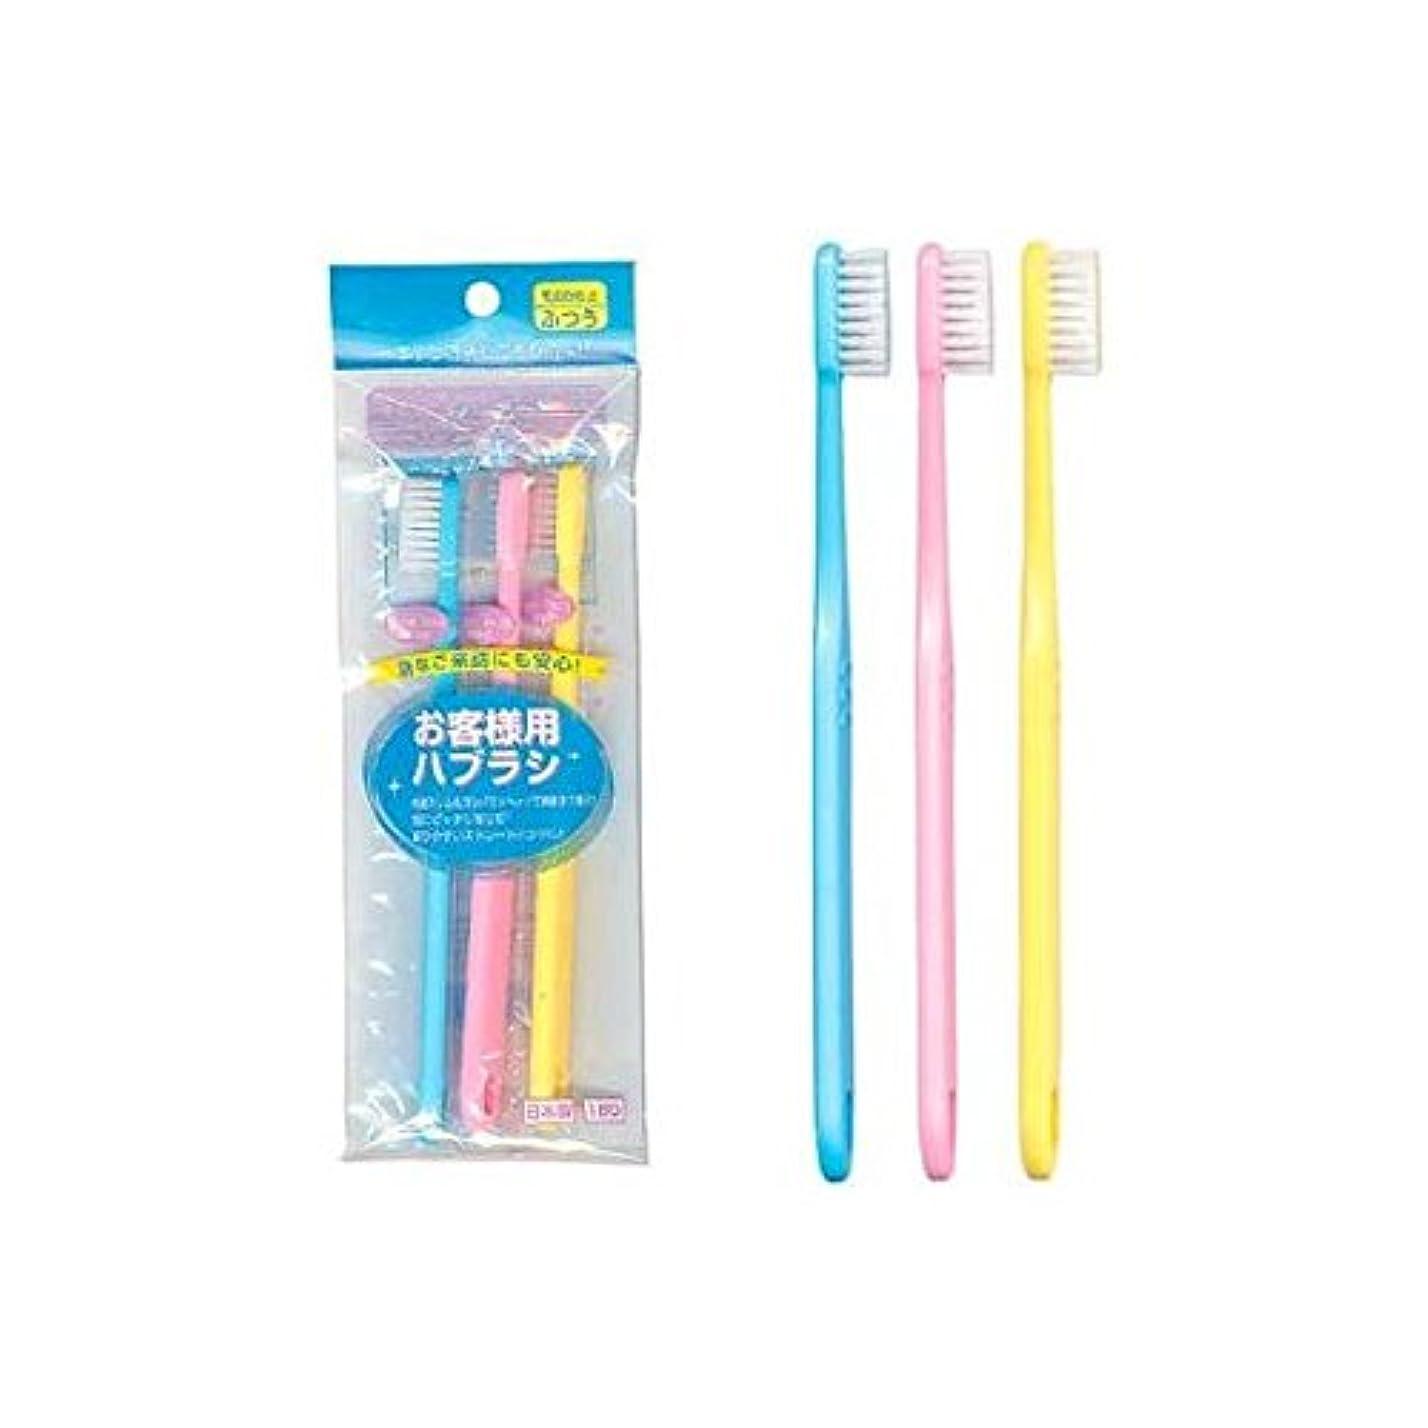 酸っぱい騒フェードお客様用歯ブラシ(3P) [12個セット] 41-006